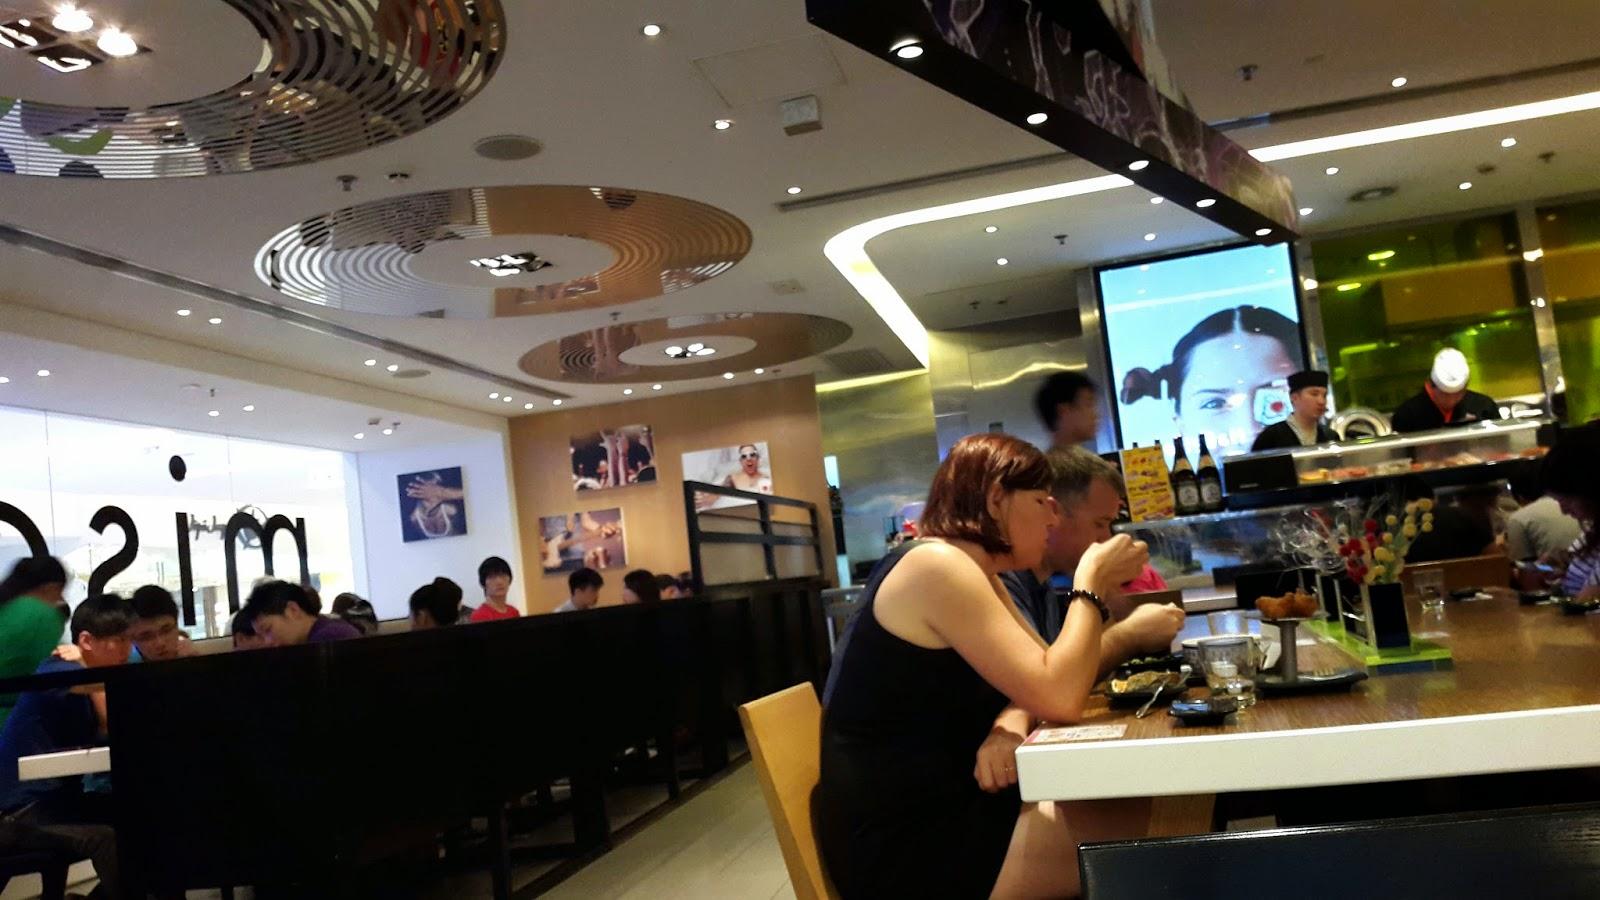 Miso Cool K11 Art Mall Hong Kong